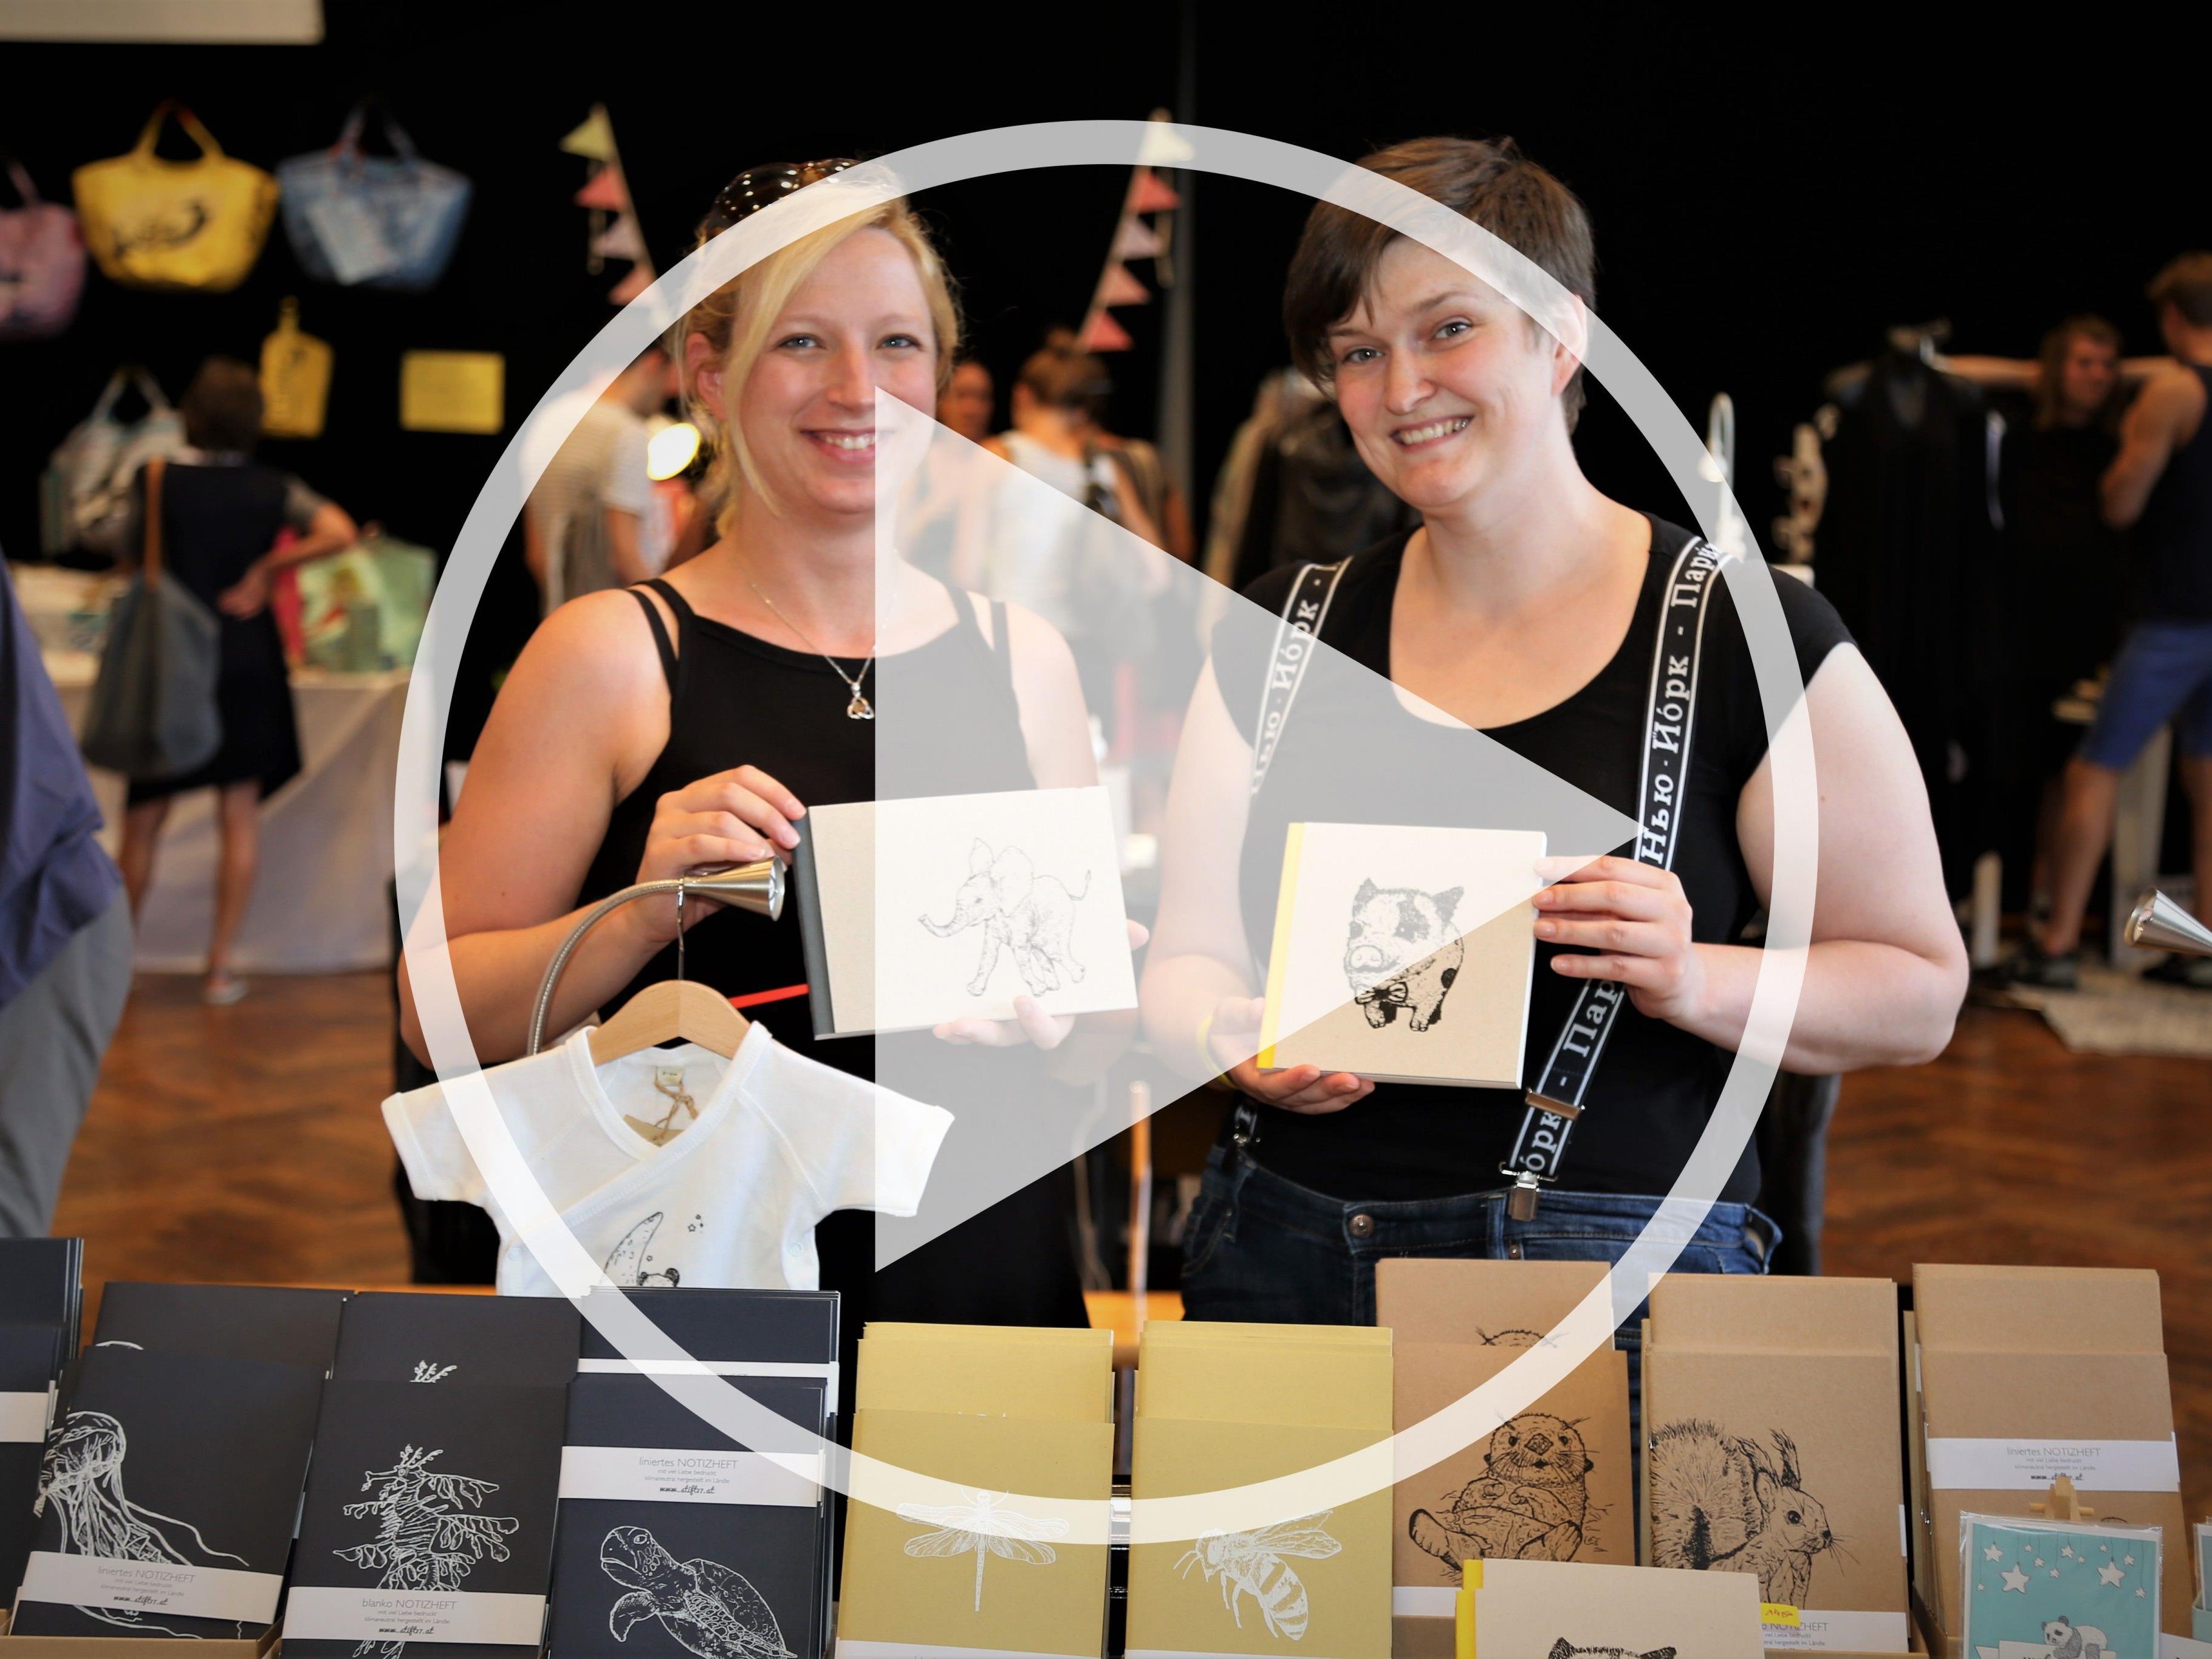 Der Fesch'Markt in Feldkirch – wo Kunst, junge Mode, Kultur und Streetfood sich vereinen.